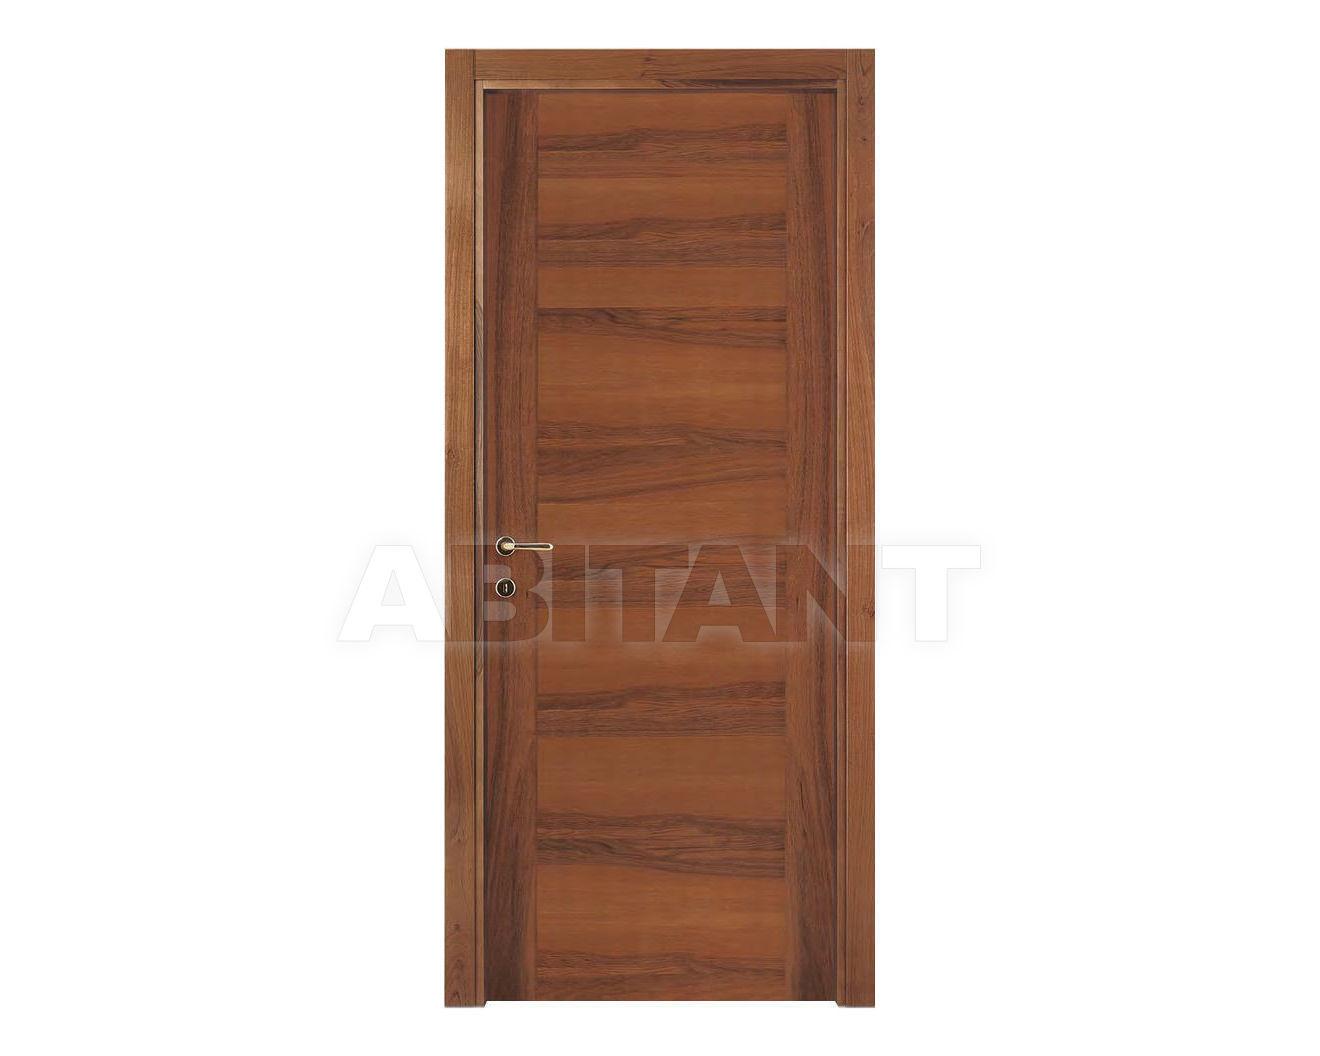 Купить Дверь деревянная Fioravazzi Lisce VANNA